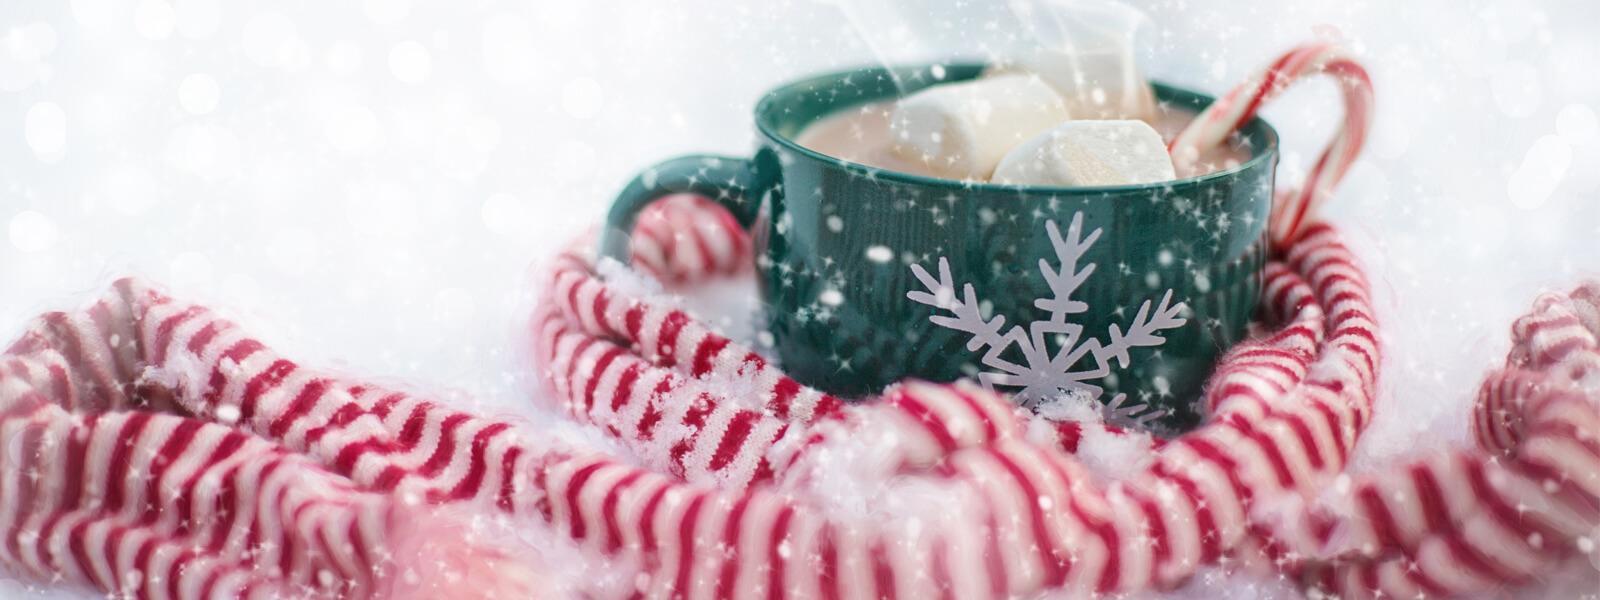 Schal und grüne Tasse mit Kakao und Marshmallows